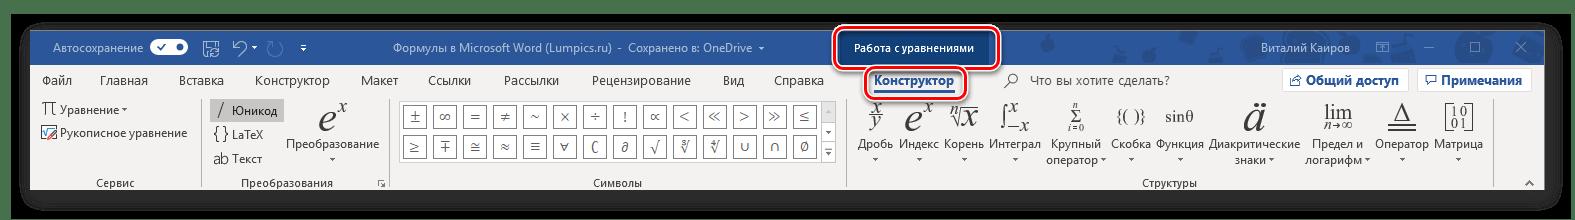 Инструменты во вкладке Конструктор программы Microsoft Word